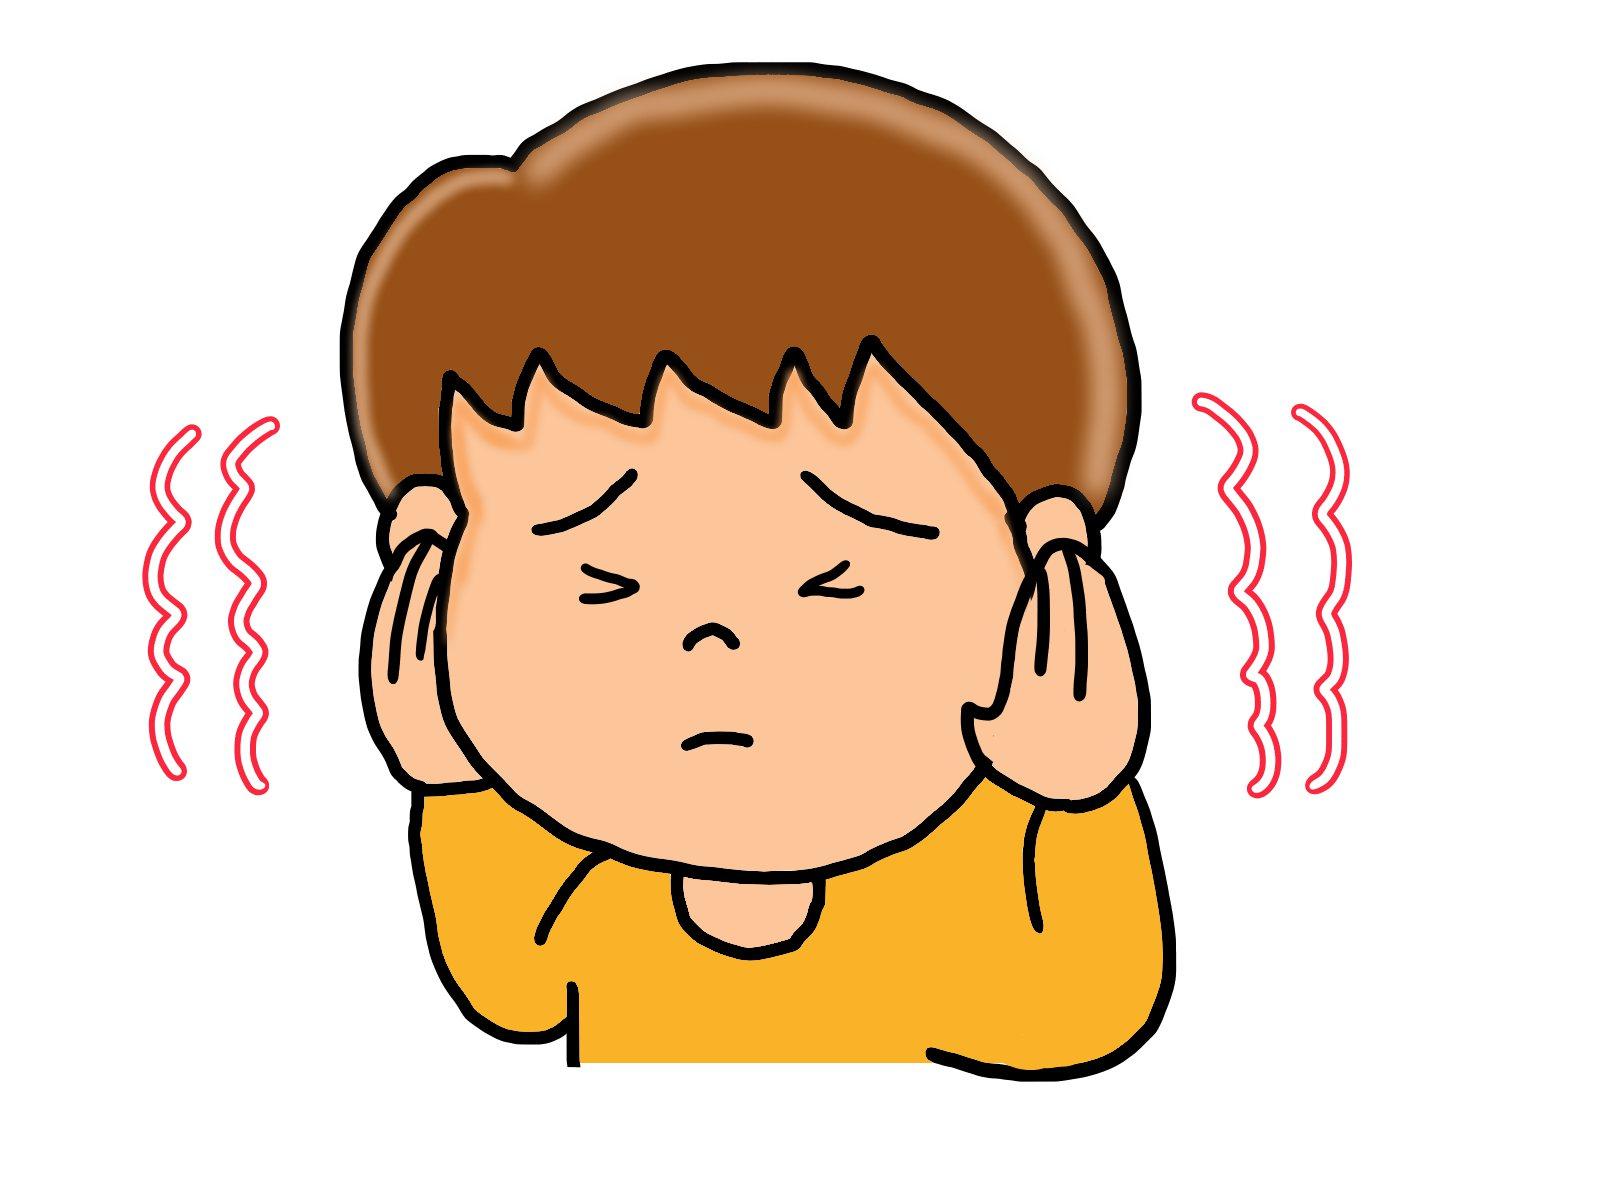 発達障害の感覚過敏の実際と克服するための工夫